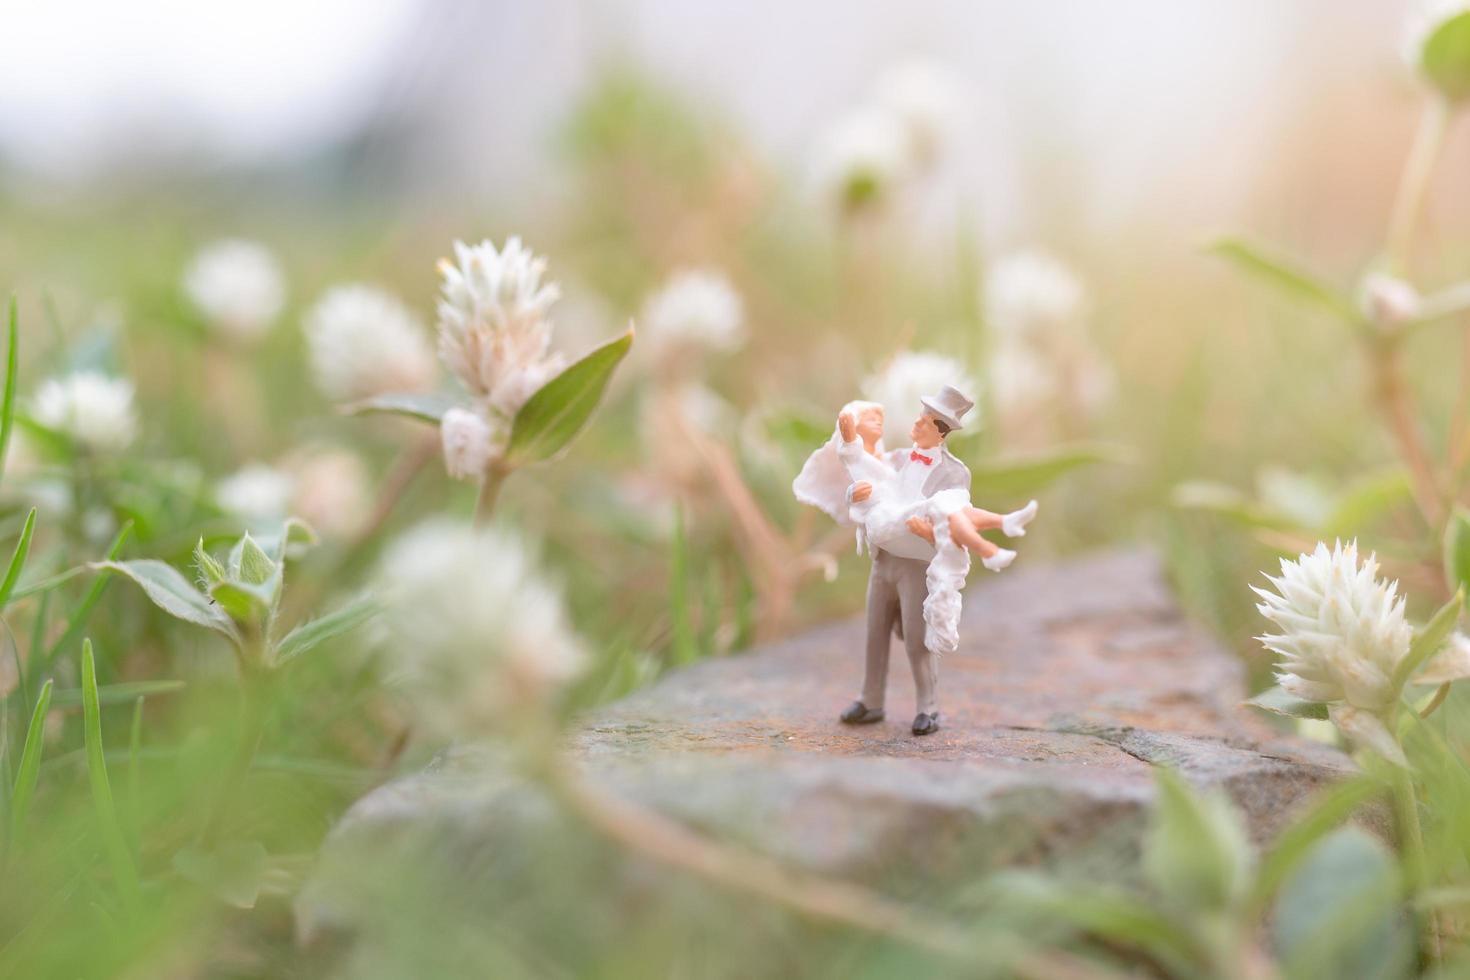 miniatuurpaar in de tuin, Valentijnsdagconcept foto